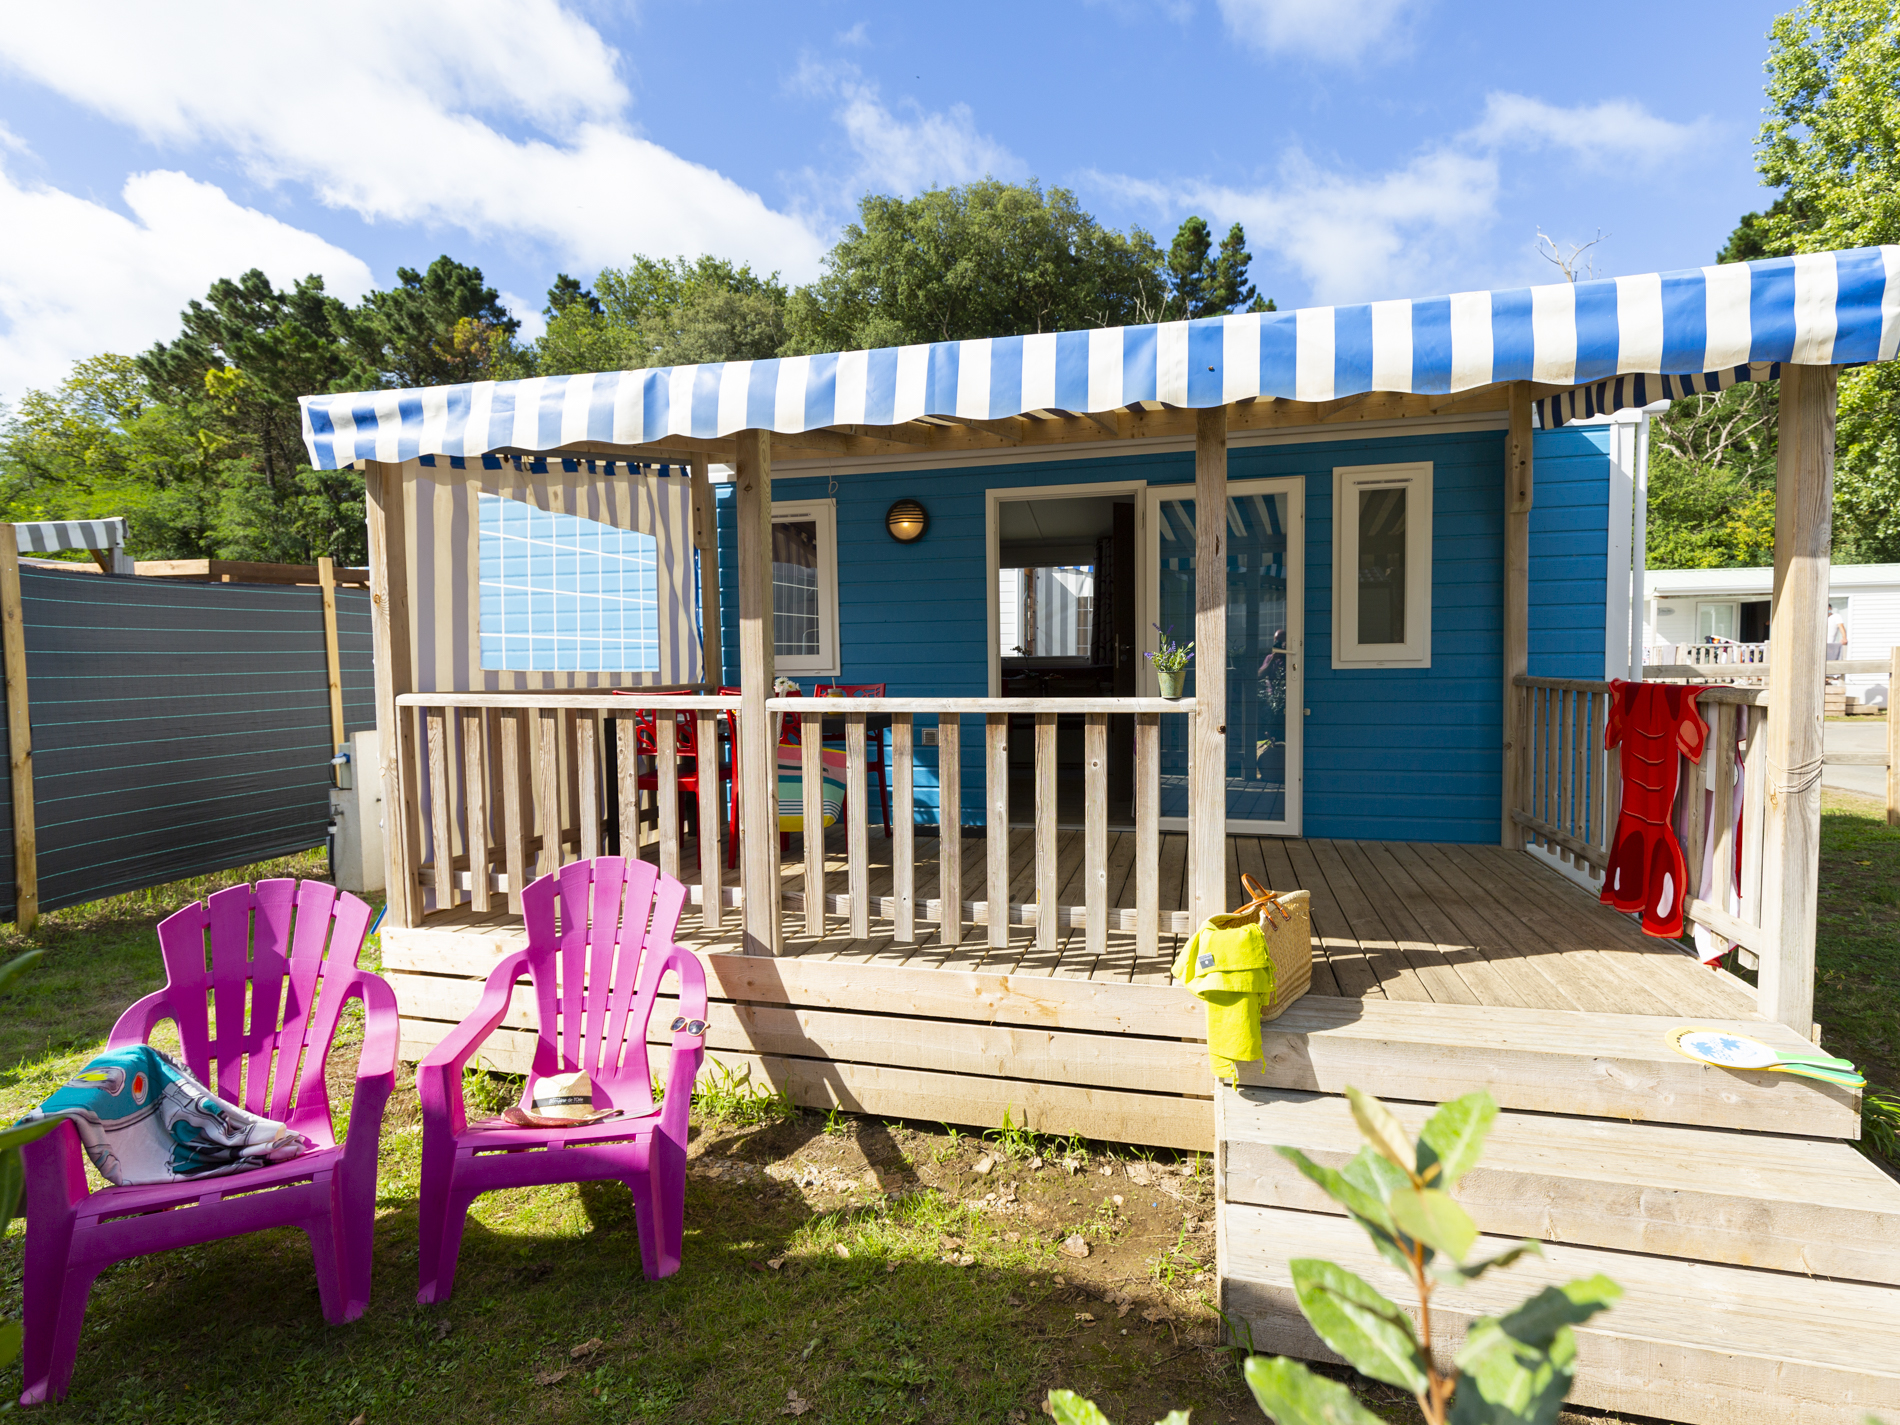 Location cottage 2 chambres aux Sables d'olonne